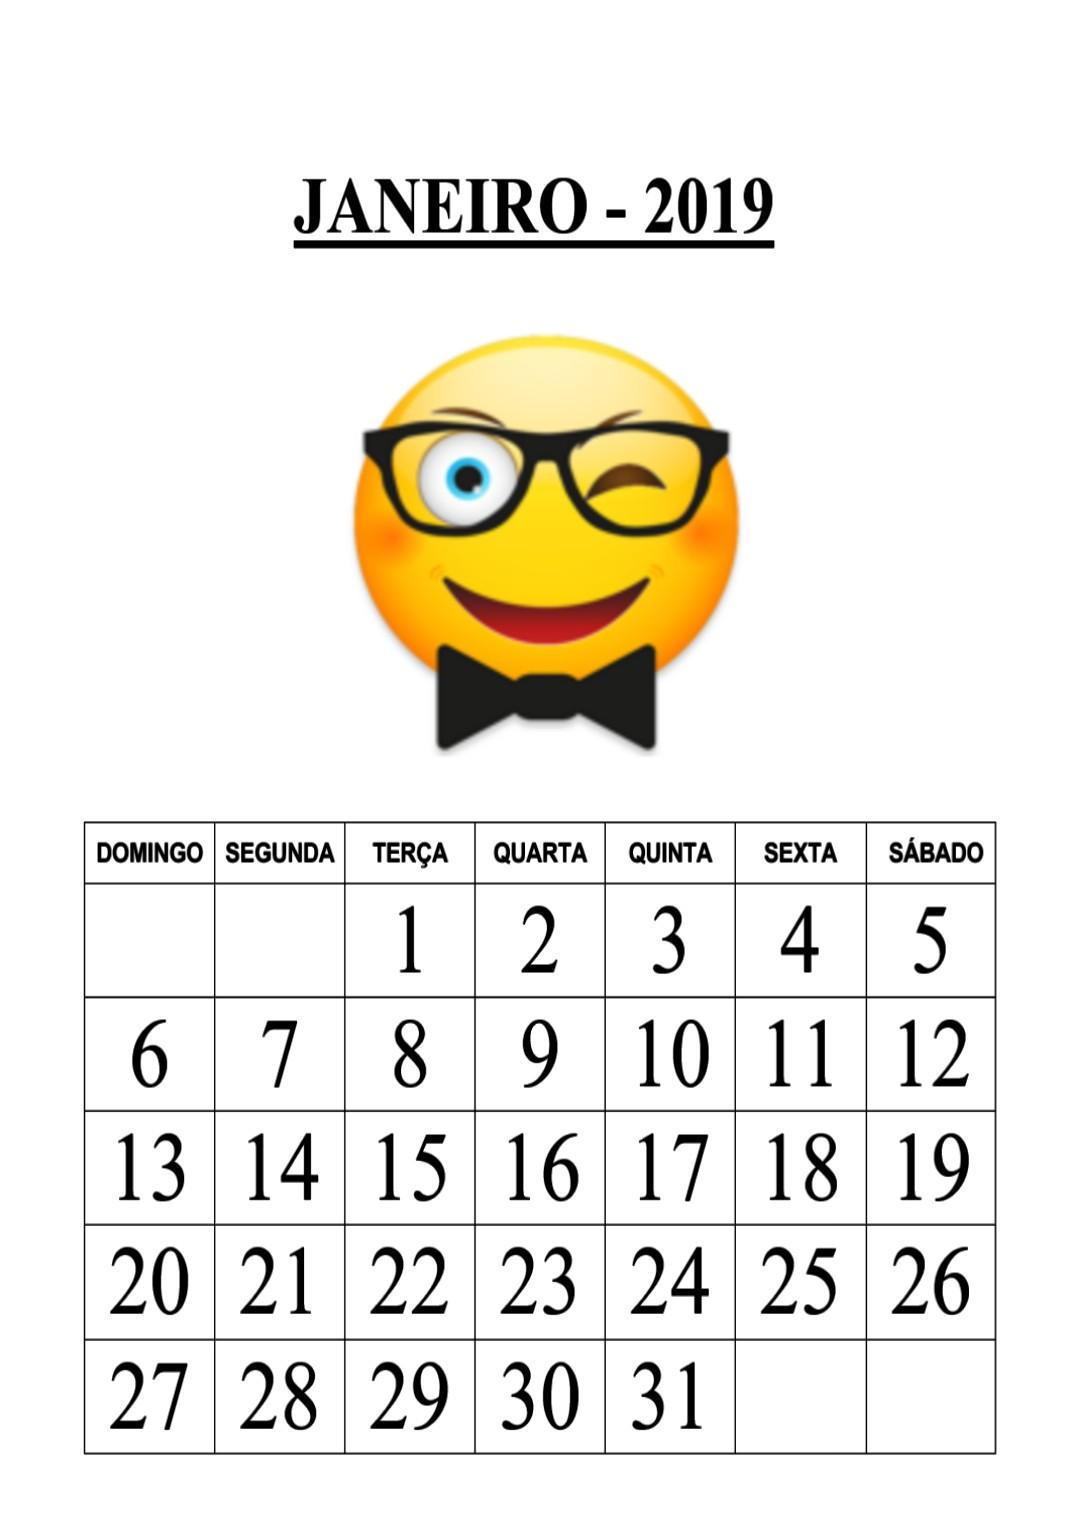 Emoji Del Calendario.Blog Educacao E Transformacao Calendario Emoji 2019